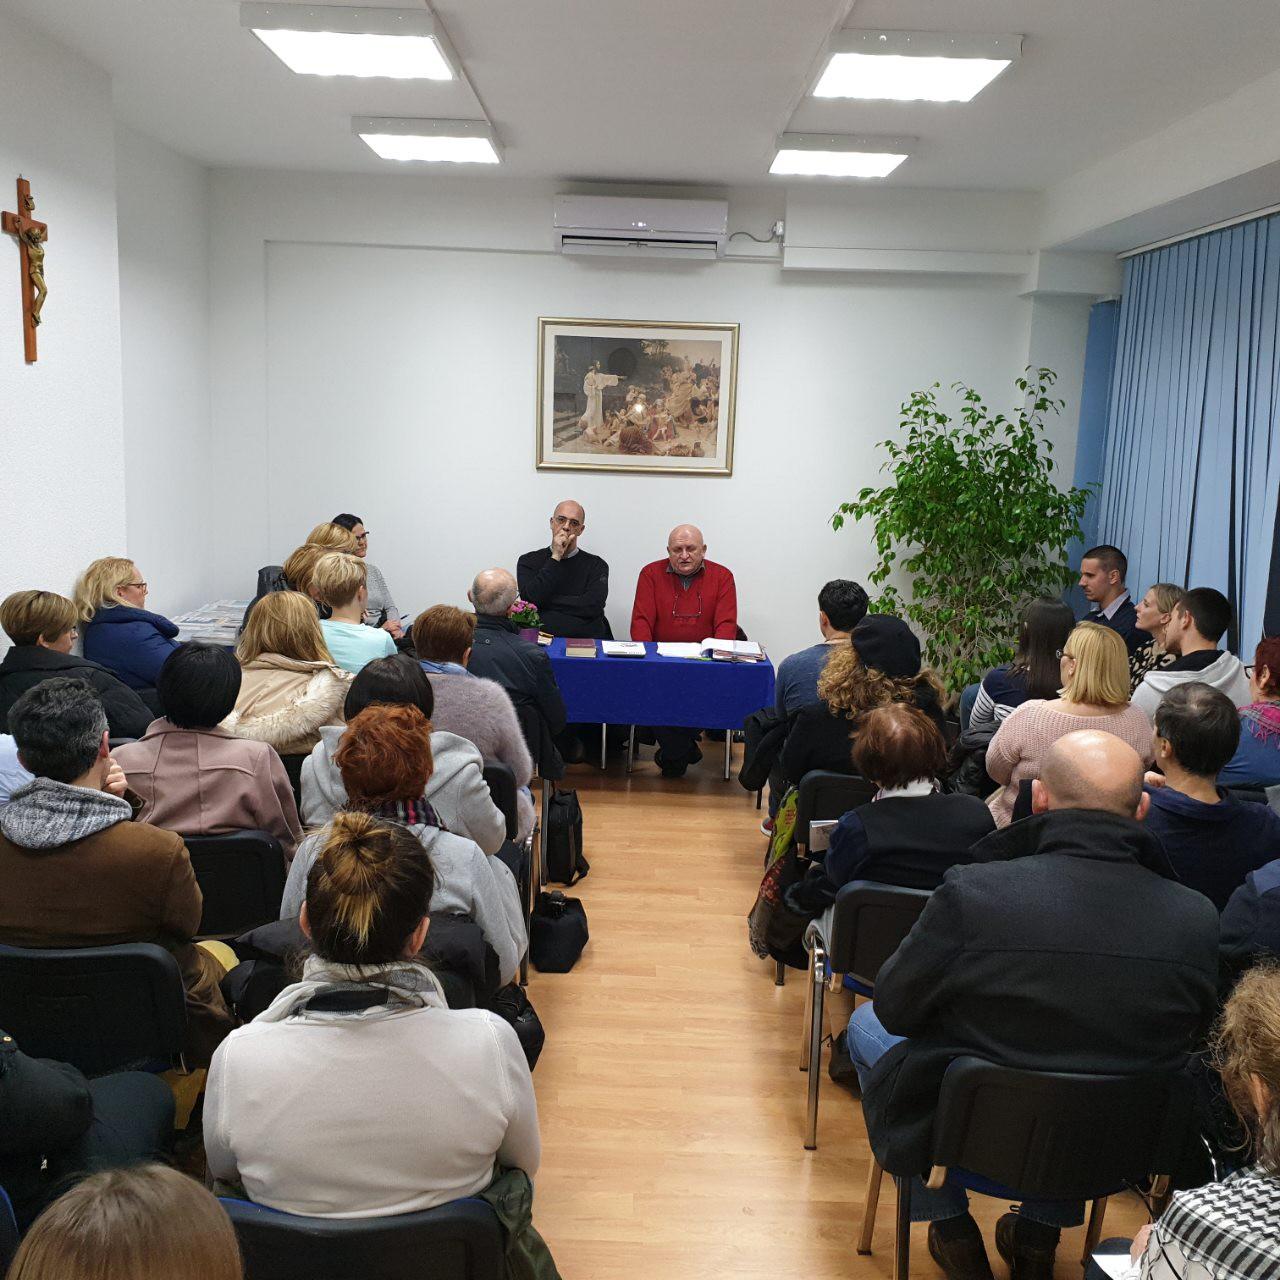 Ne boj se, samo vjeruj – seminar nove evangelizacije održan u Splitu